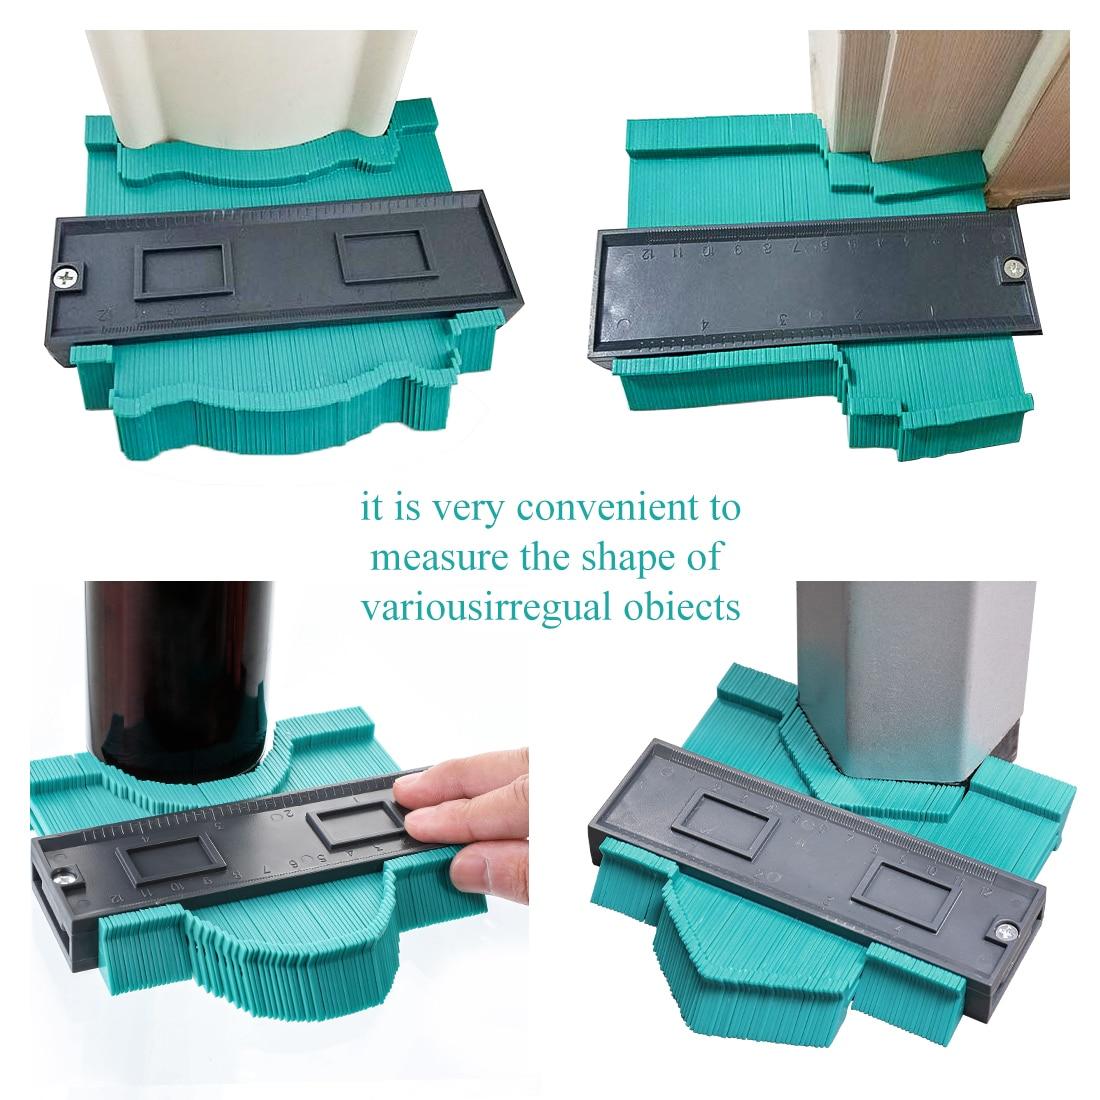 Многофункциональный контурный профиль калибровочный плиточный ламинат кромка формирующая деревянная измерительная линейка ABS контурный манометр Дубликатор 5/10 дюймов